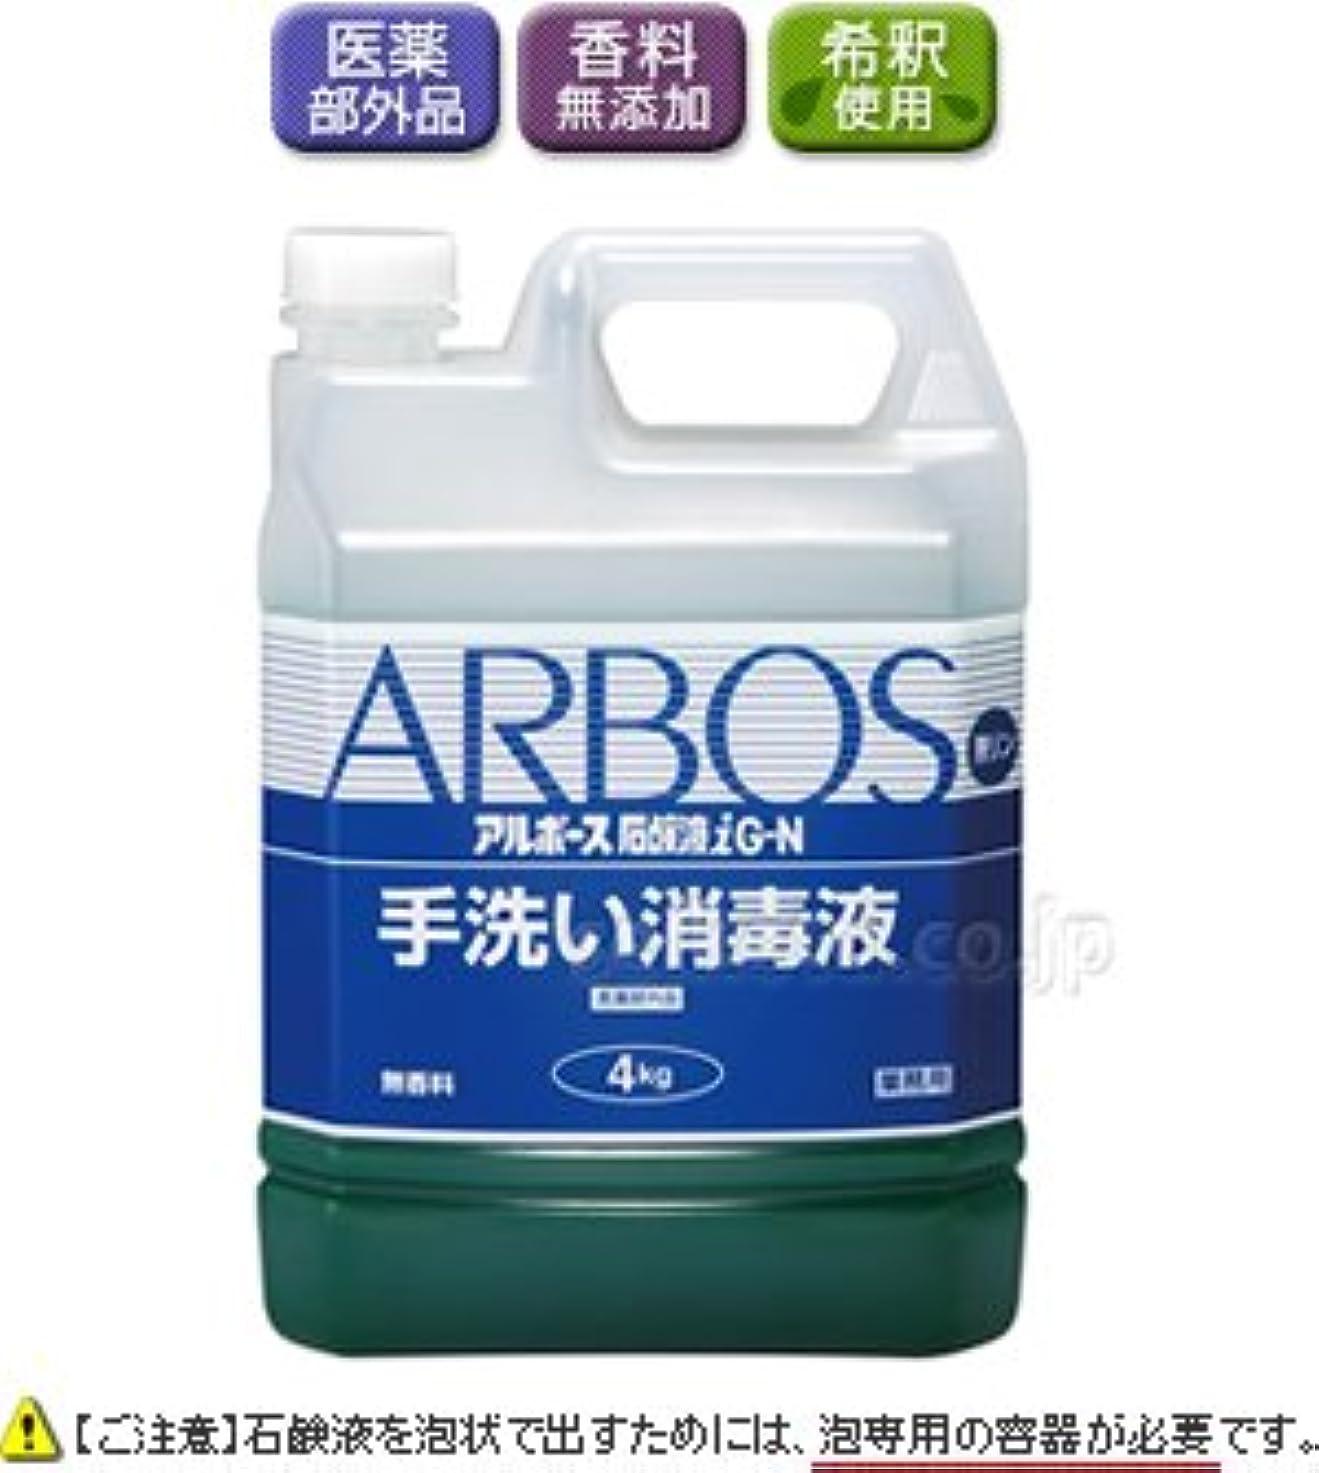 等しいタオル崇拝します【清潔キレイ館】アルボース石鹸液iG-N(4kg×1本)